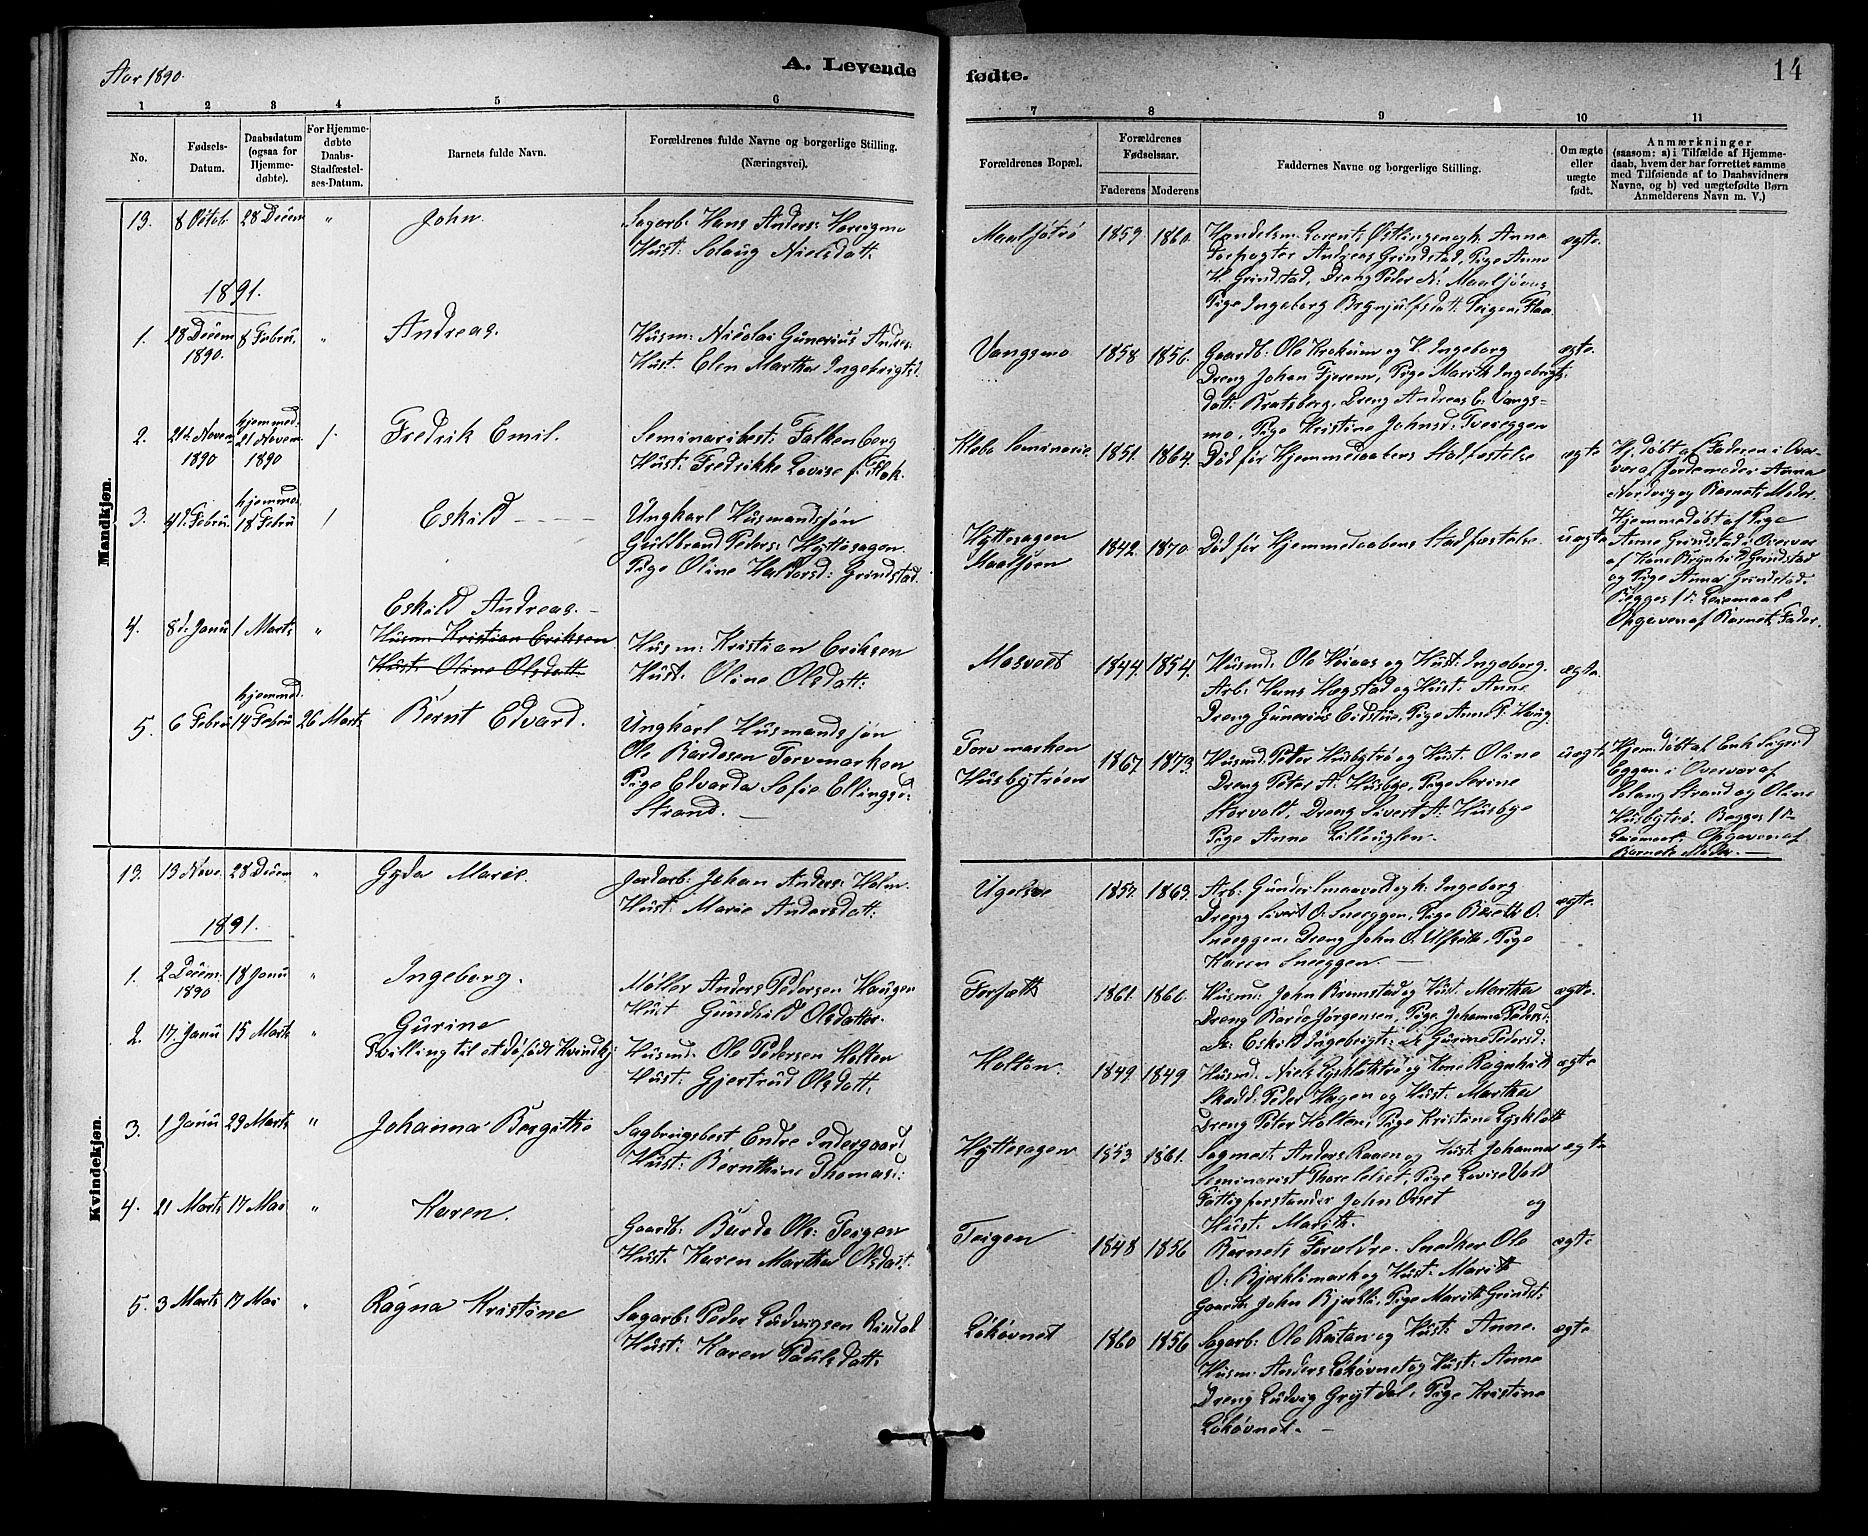 SAT, Ministerialprotokoller, klokkerbøker og fødselsregistre - Sør-Trøndelag, 618/L0452: Klokkerbok nr. 618C03, 1884-1906, s. 14